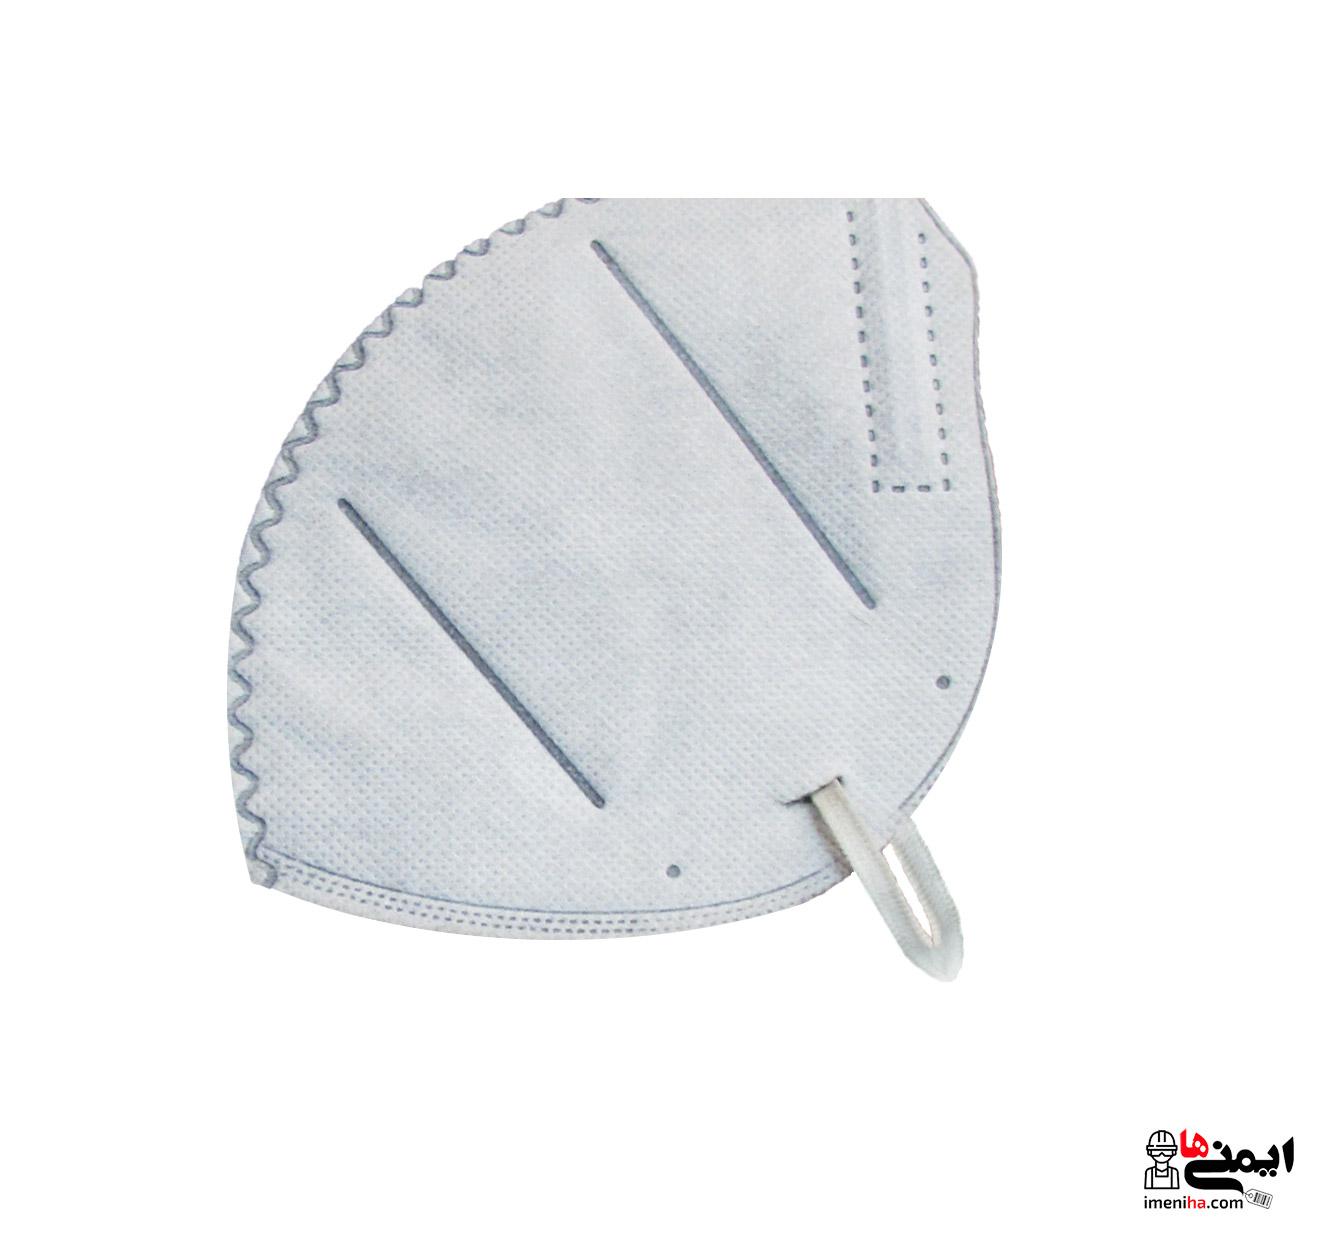 ماسک بدون فیلتر MSA